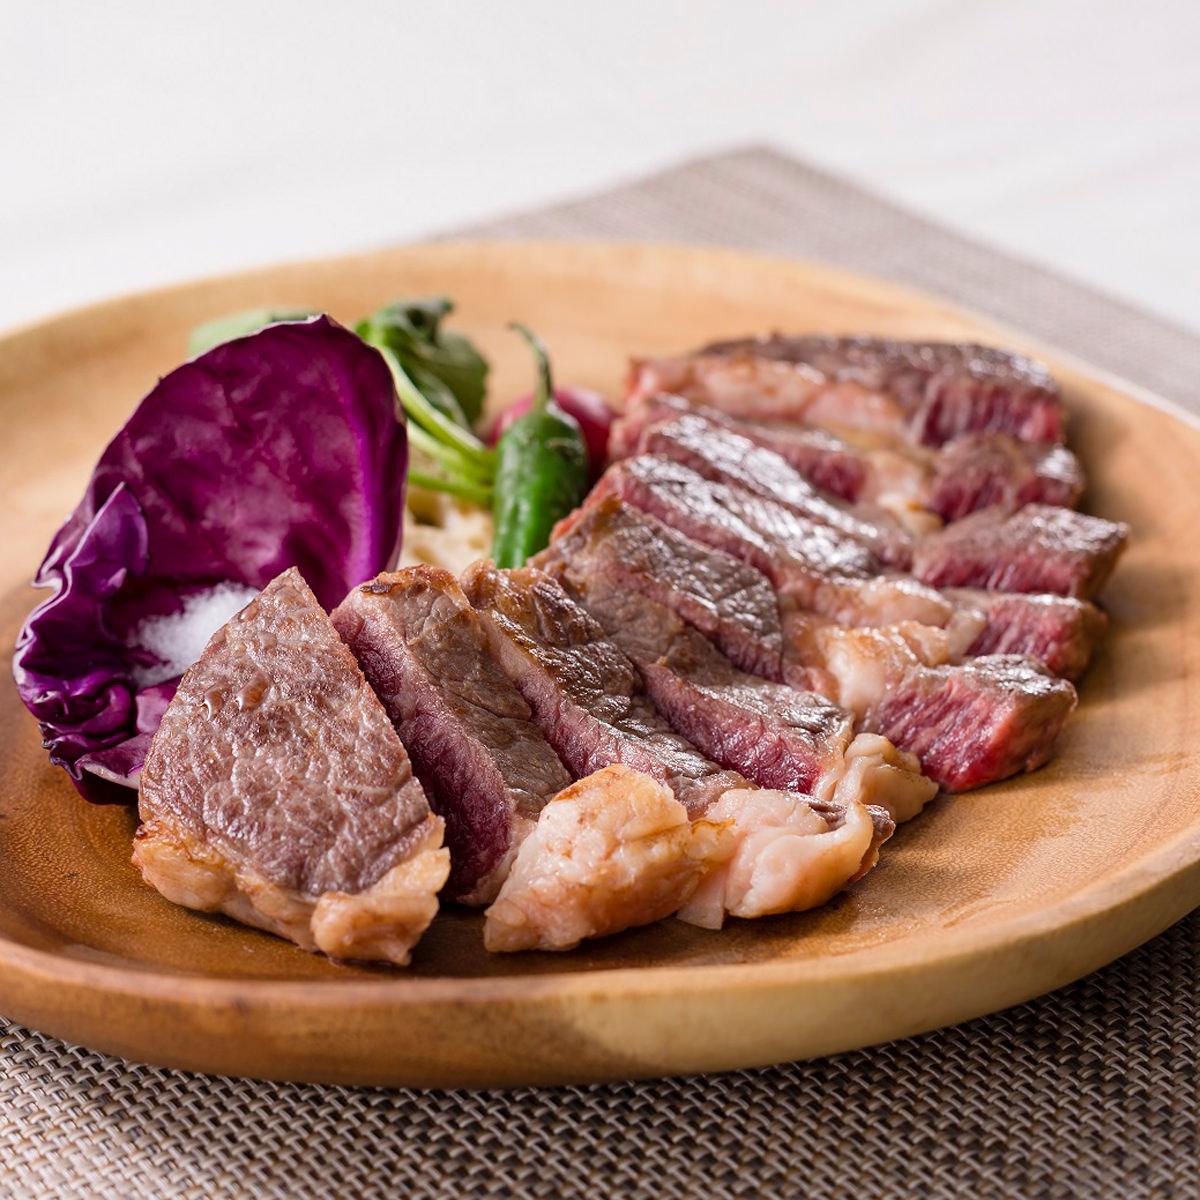 石井食品 発酵熟成肉ステーキ USチャックアイロール 肩ロース 牛肉 400g〔200g×2〕